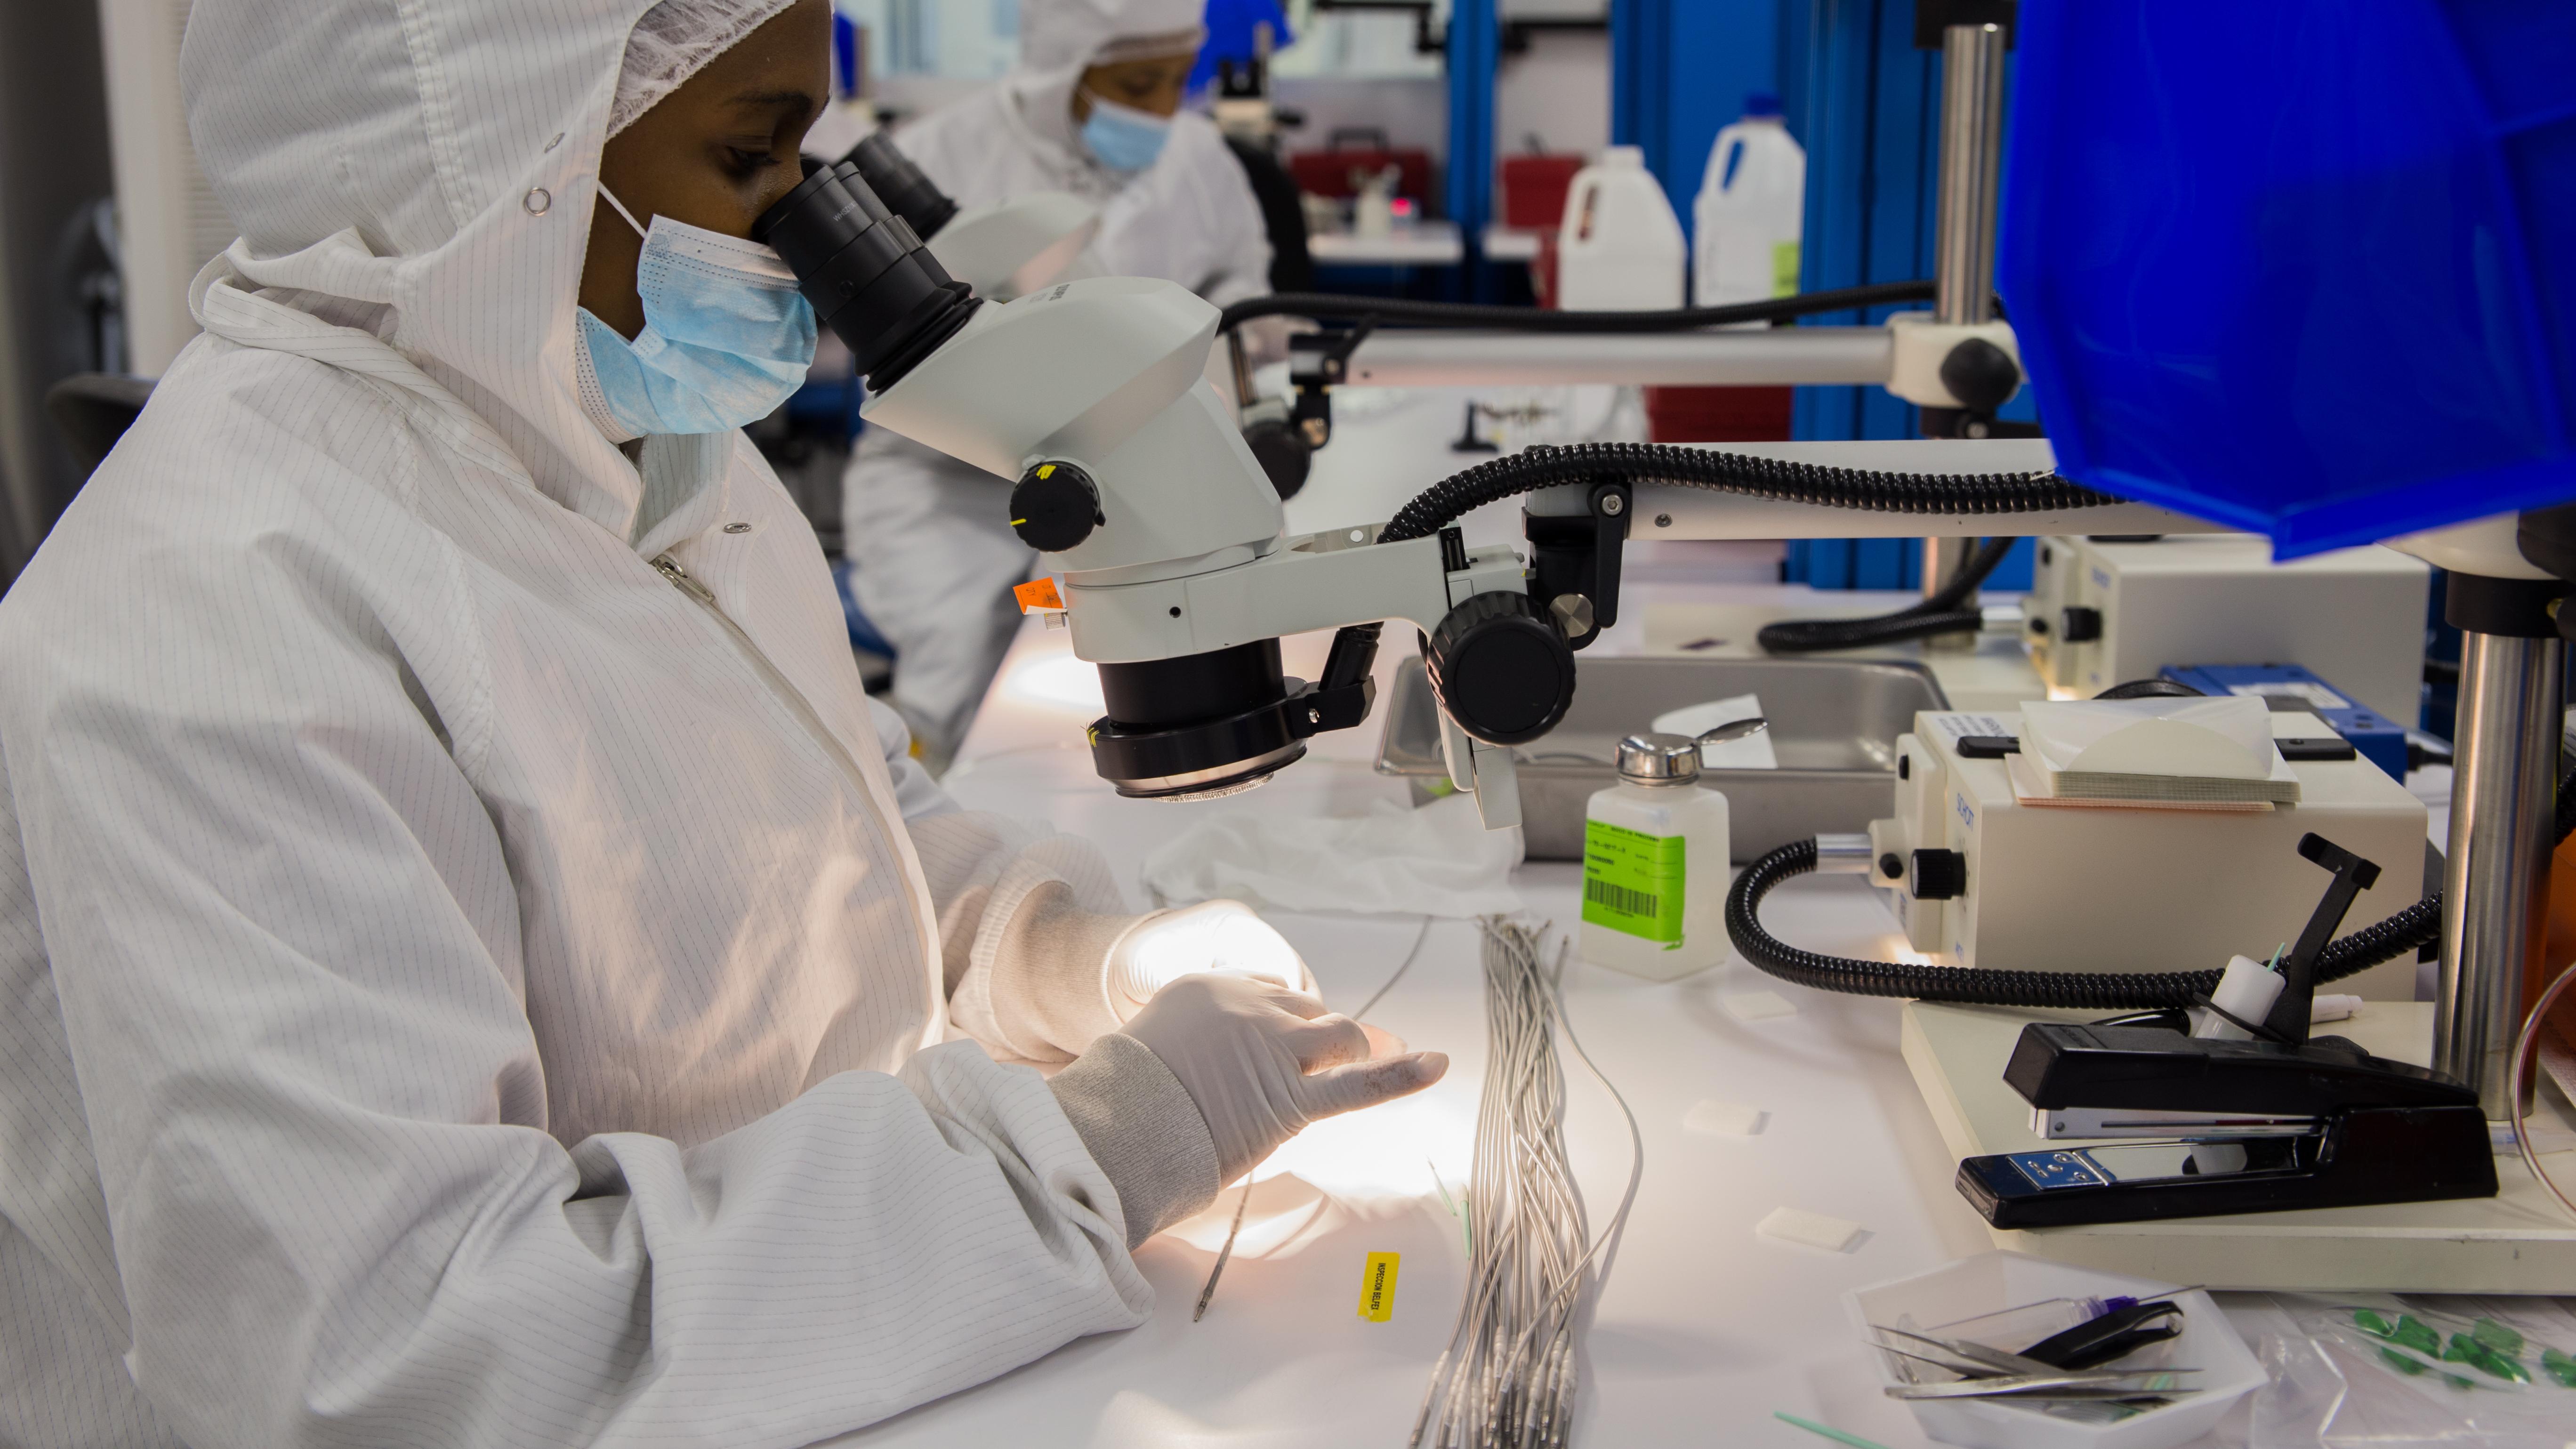 Manufactura de dispositivos médicos y farmacéuticos ocupa primer lugar en exportaciones dominicanas